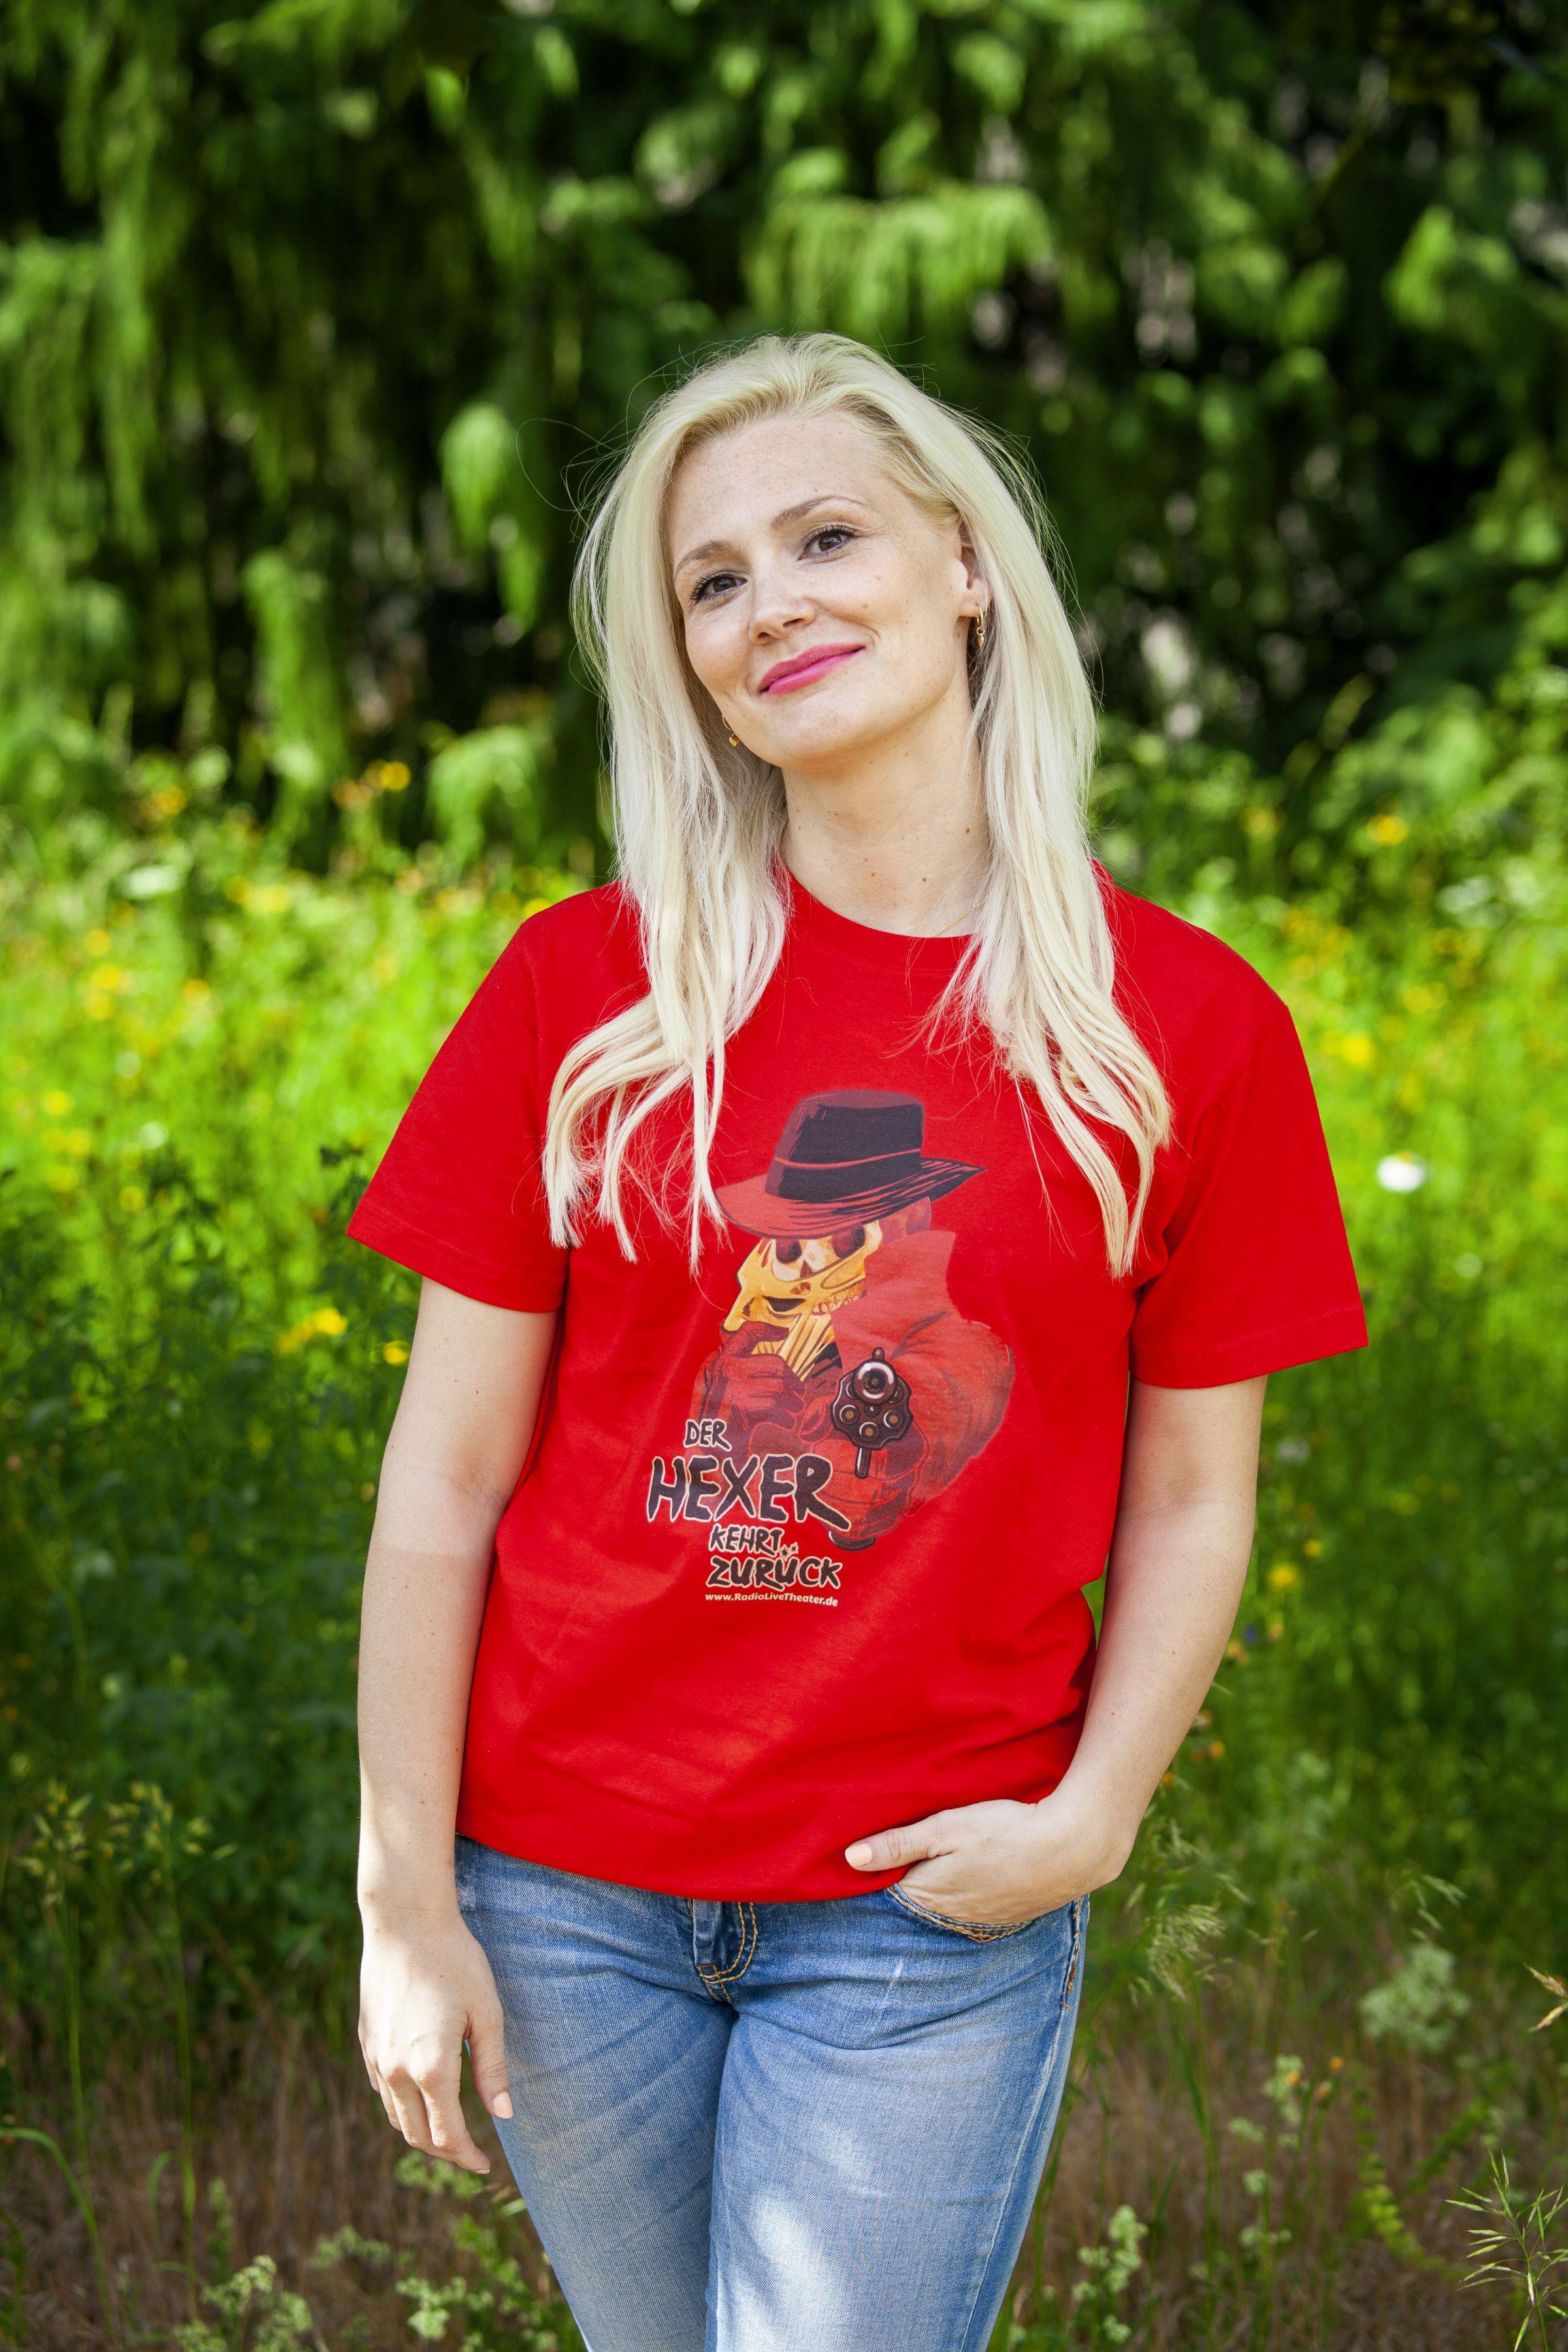 Der Hexer kehrt zurück - T-Shirt